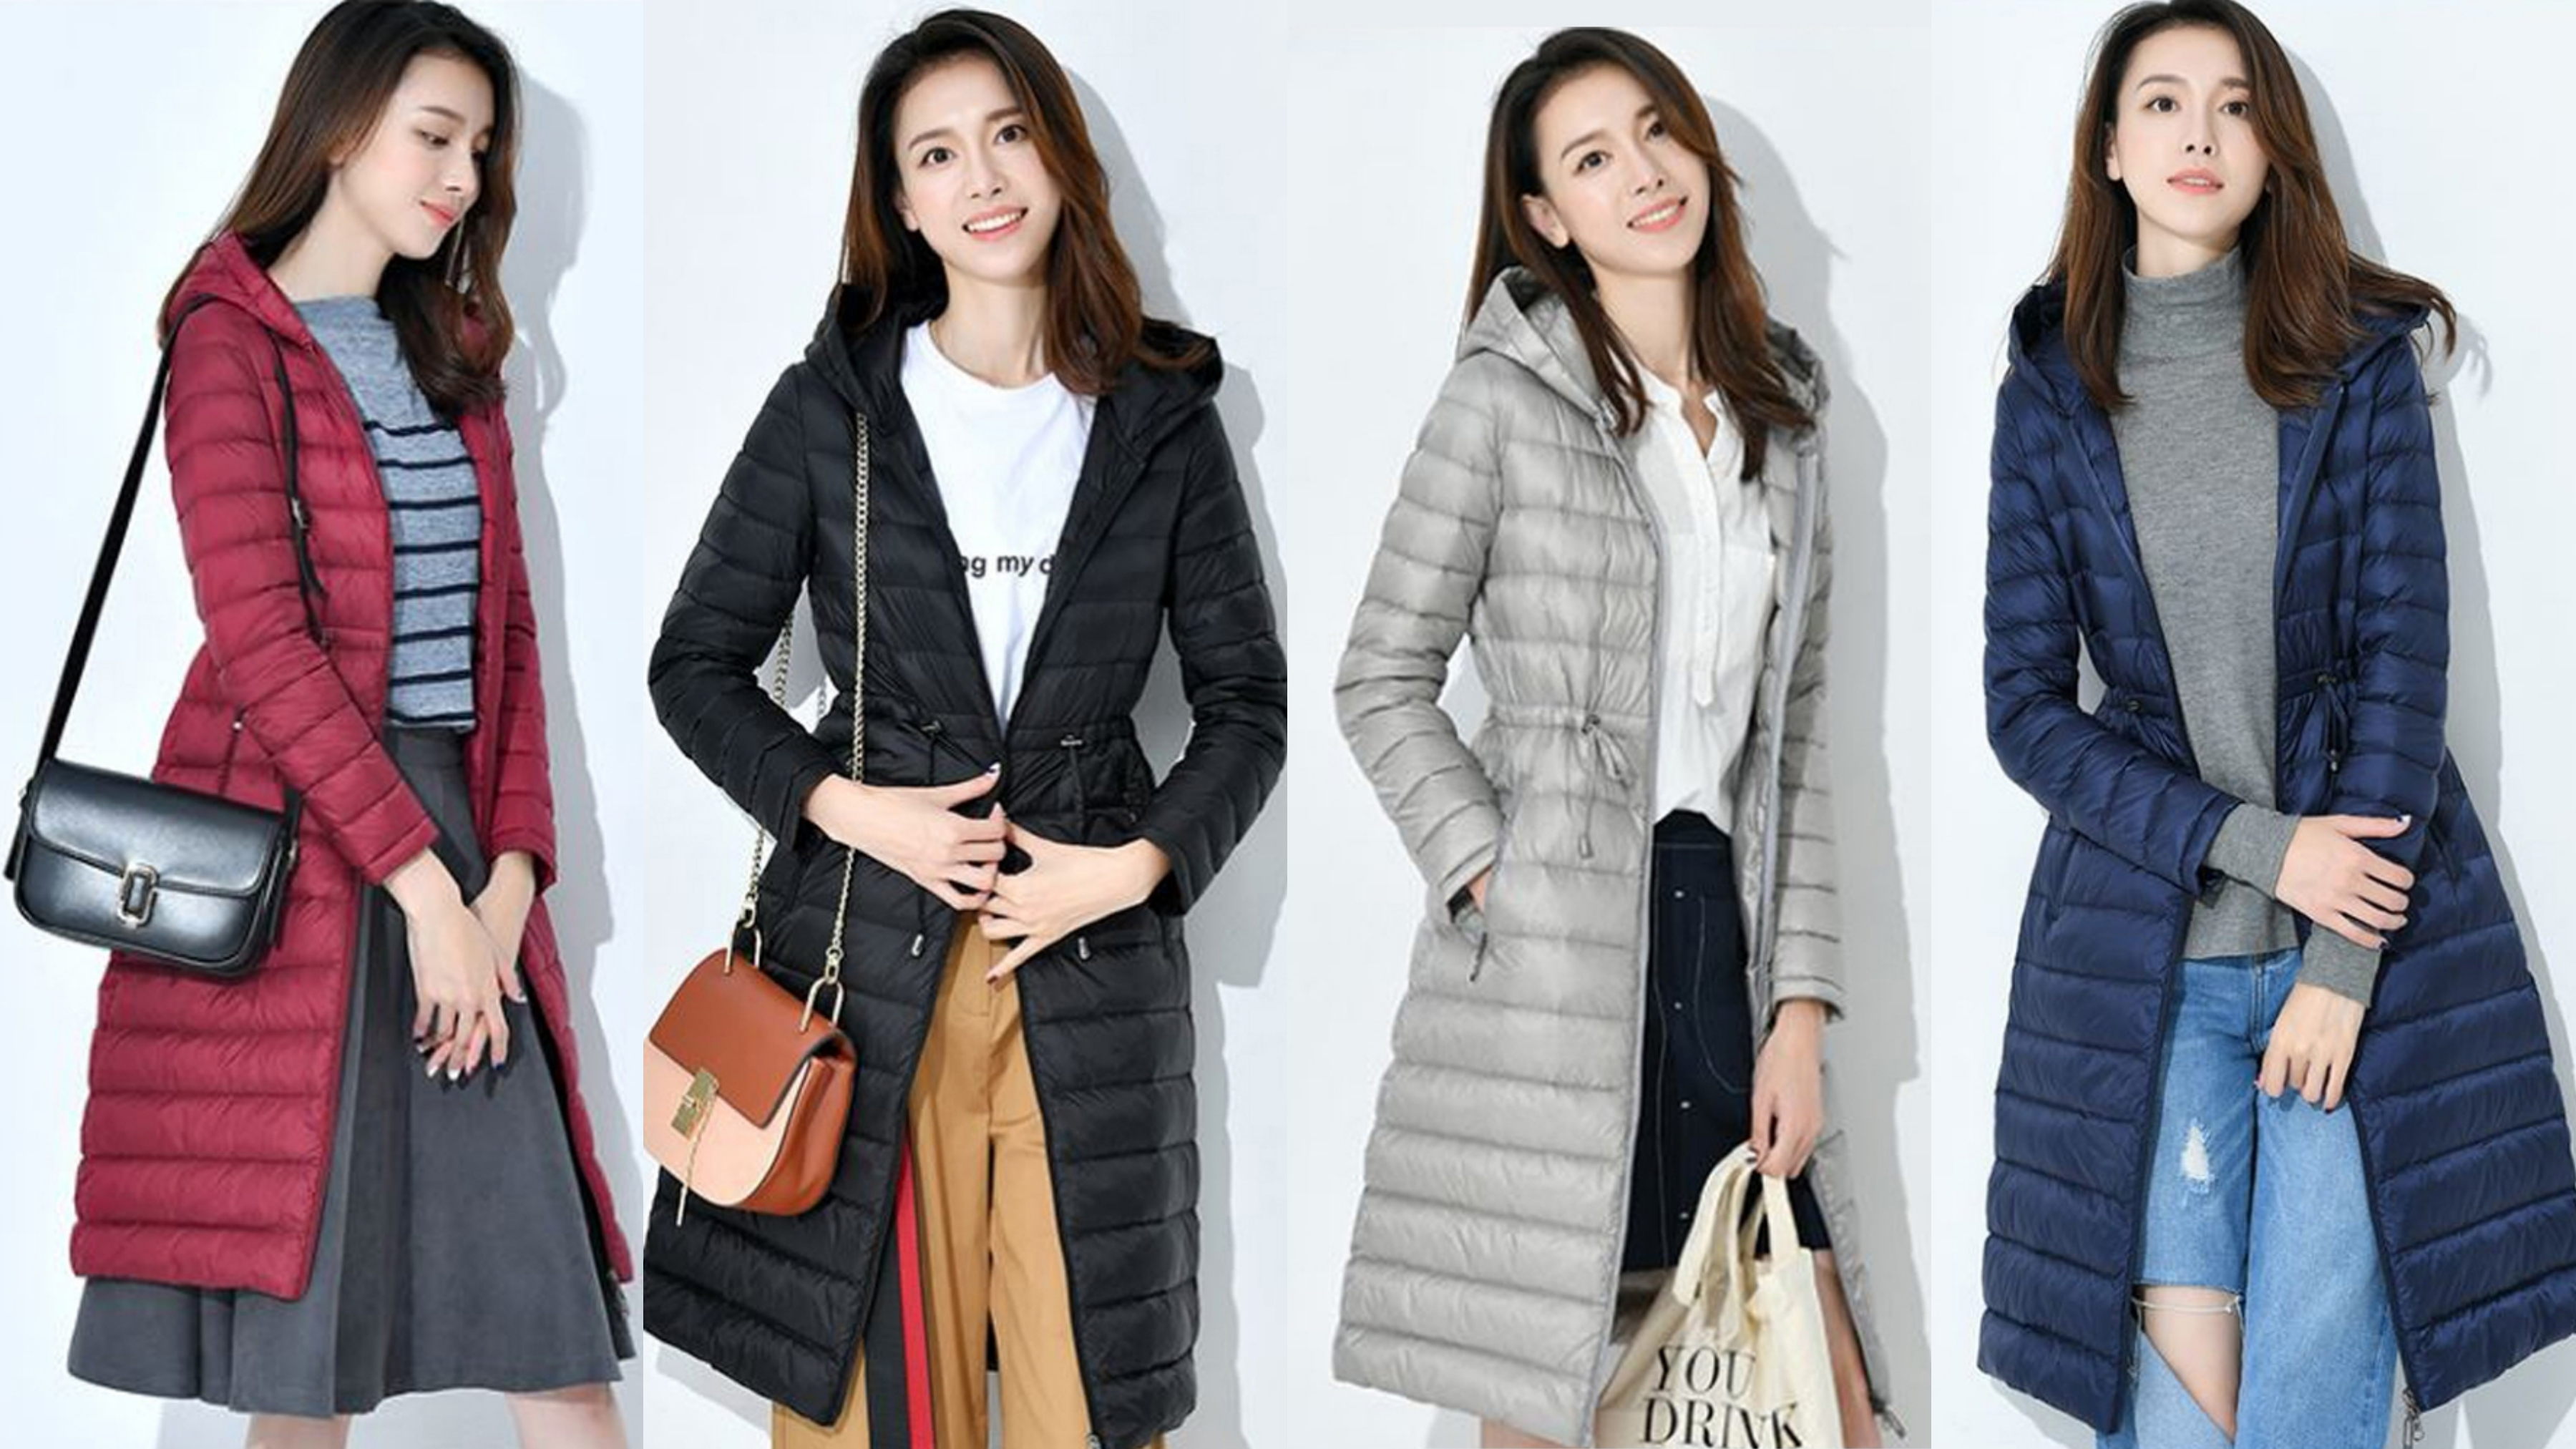 韓版設計的羽絨外套,擁有90%輕羽絨,穿上好保暖